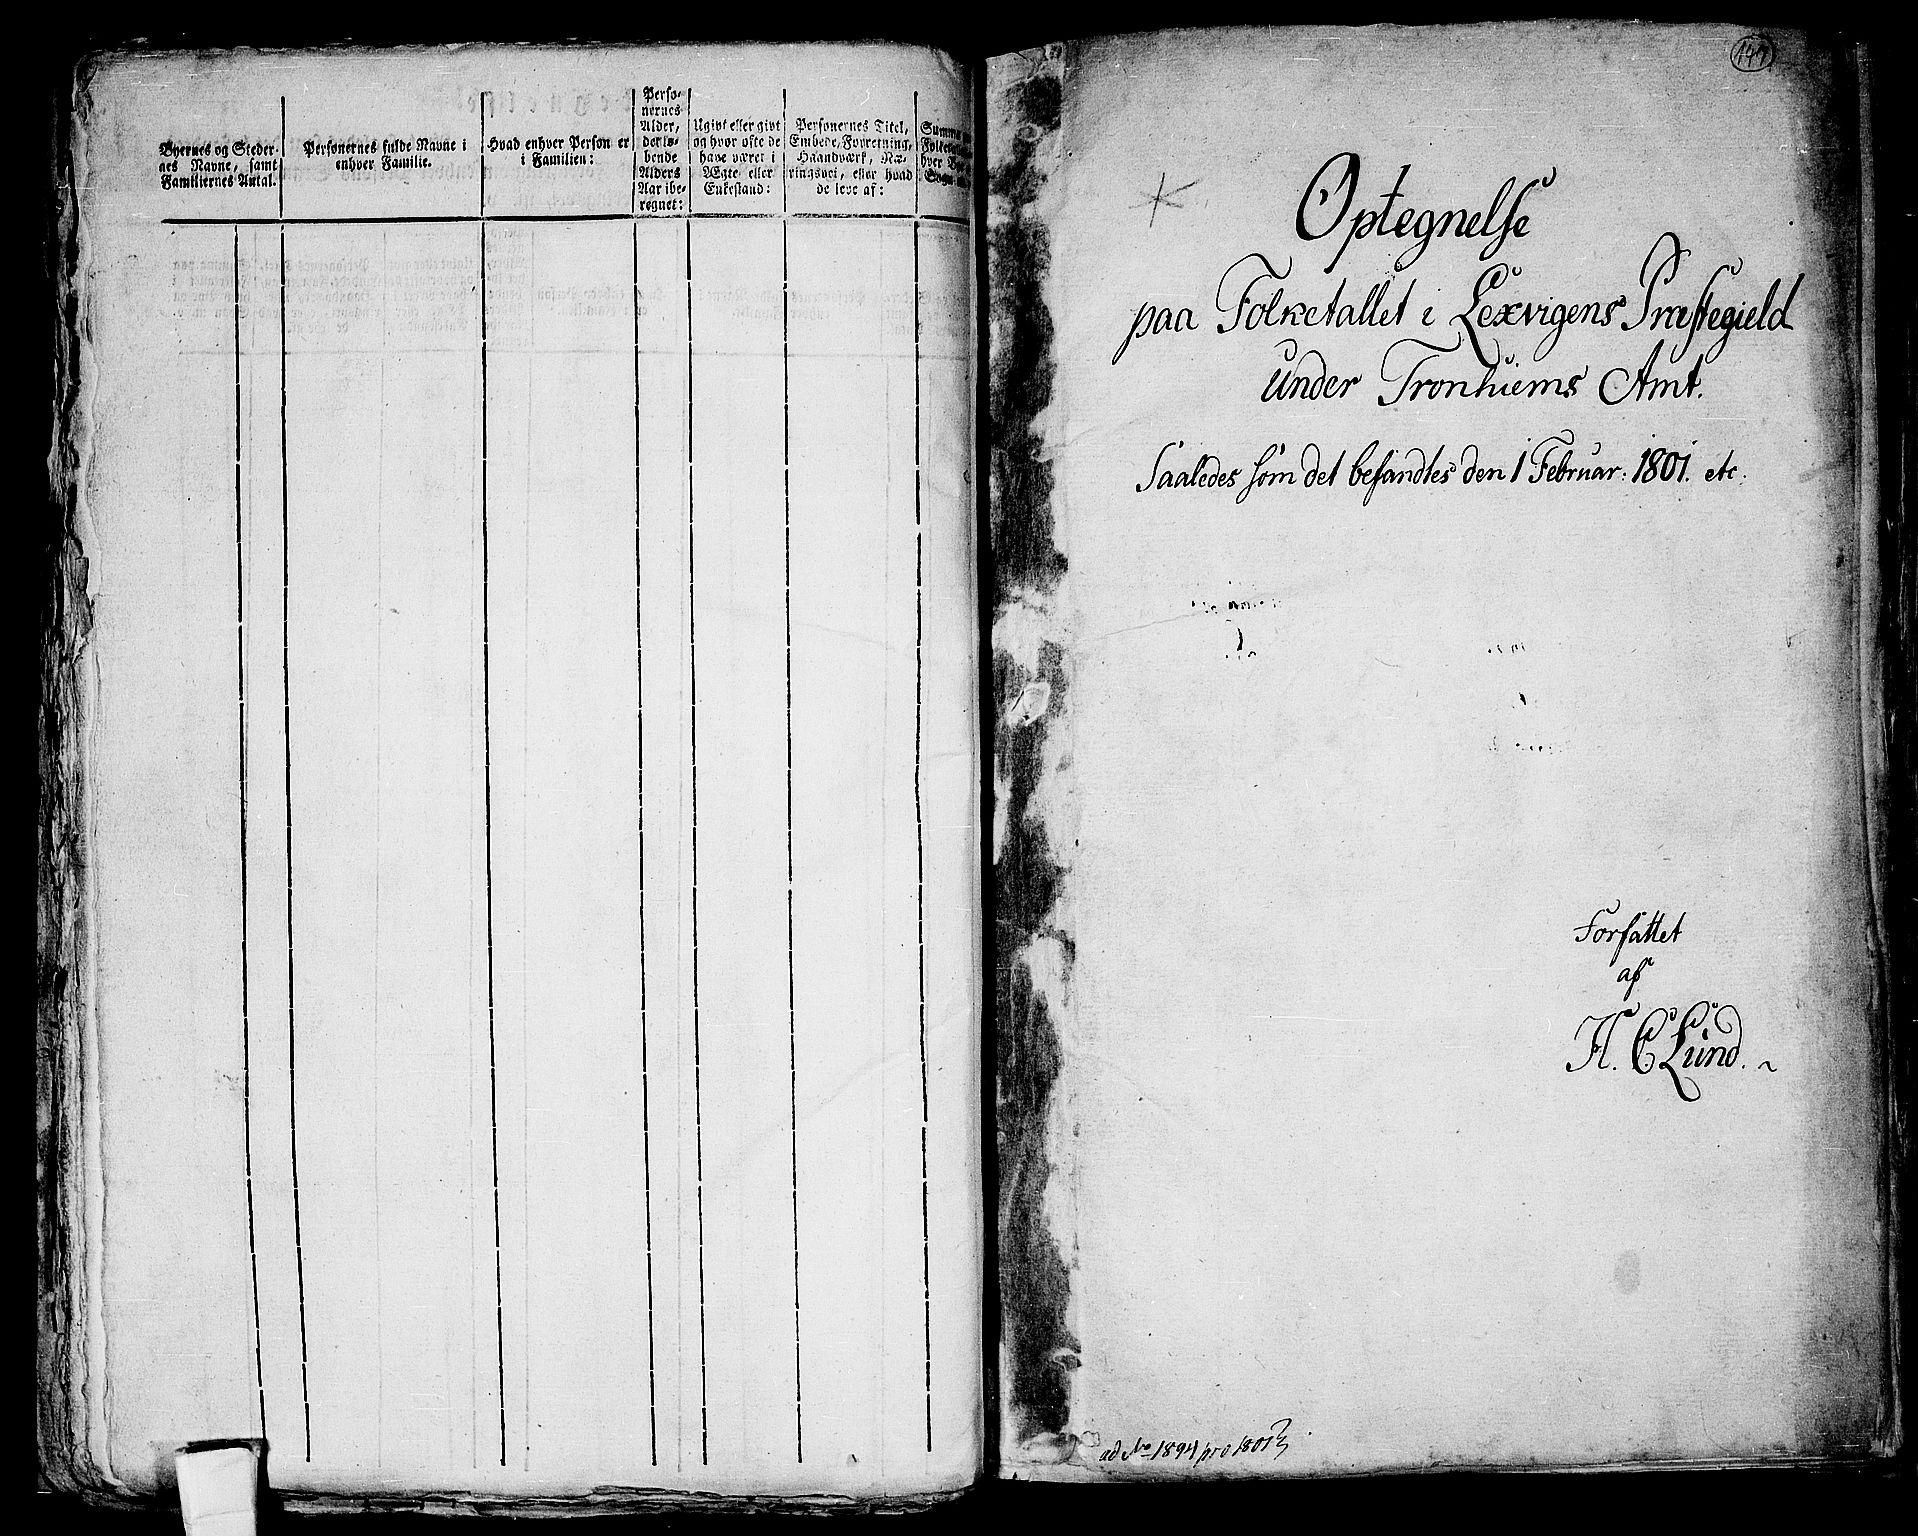 RA, Folketelling 1801 for 1718P Leksvik prestegjeld, 1801, s. 147a